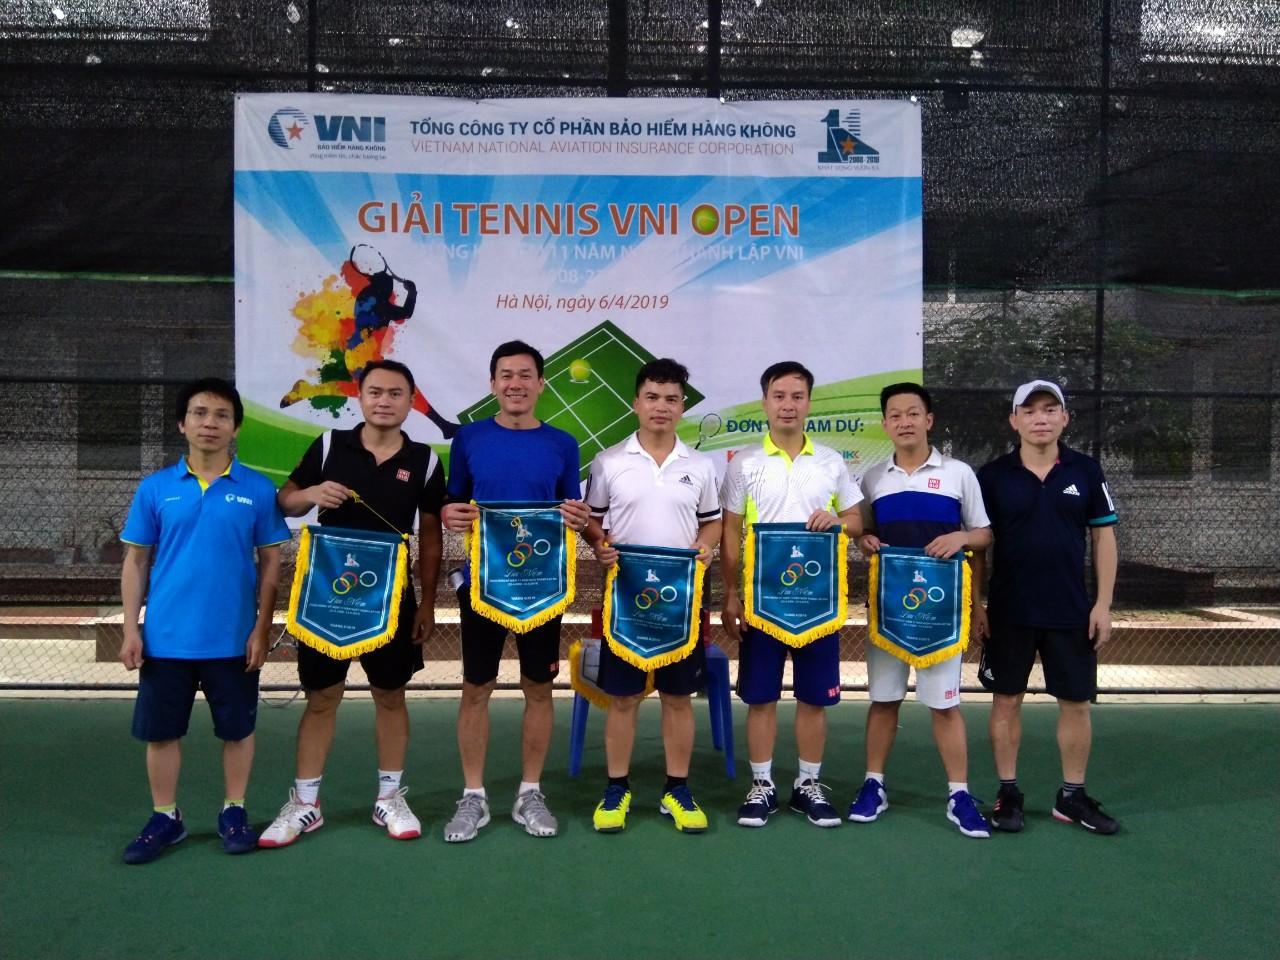 Bảo hiểm Hàng không (VNI) tổ chức giải bóng đá, tennis chào mừng 11 năm ngày thành lập